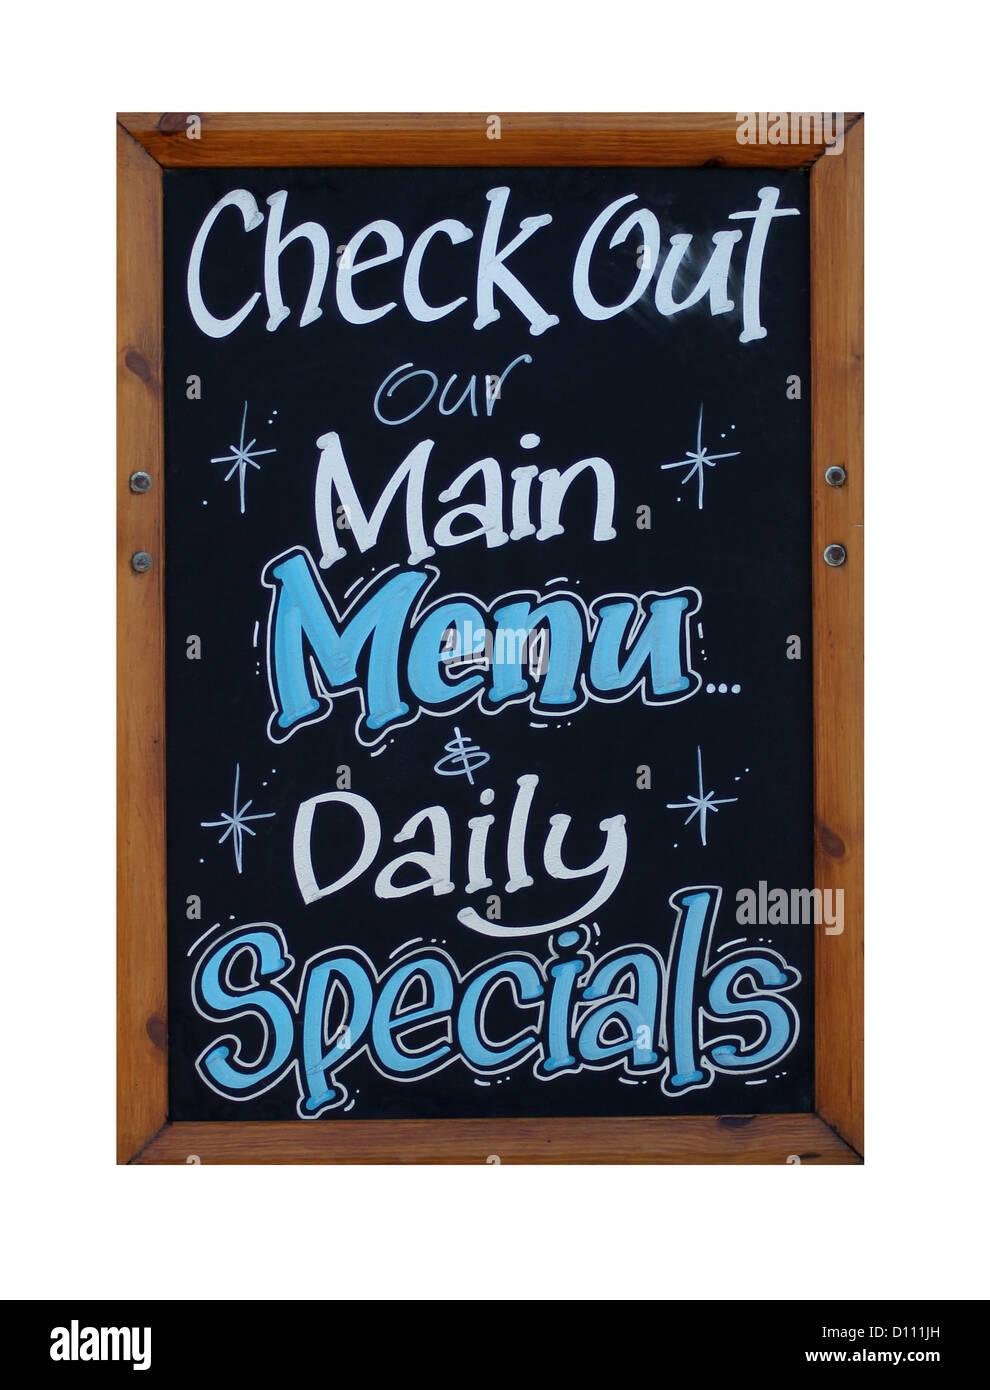 Menú principal y especialidades diarias signo aislado sobre fondo blanco. Imagen De Stock